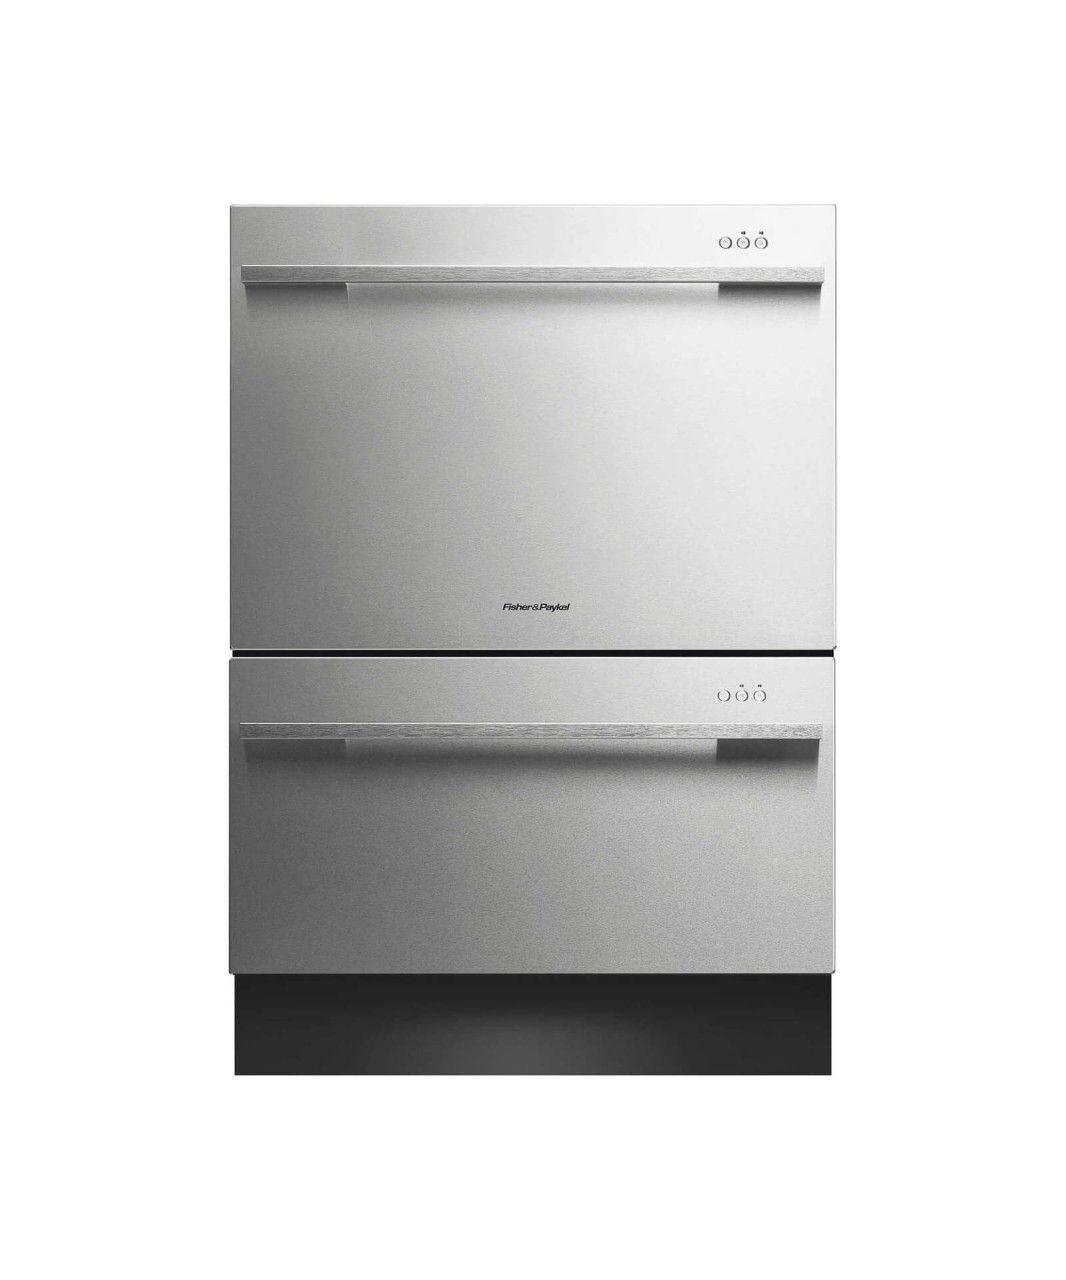 Dd24ddftx7 dishdrawer tall double dishwasher 88620